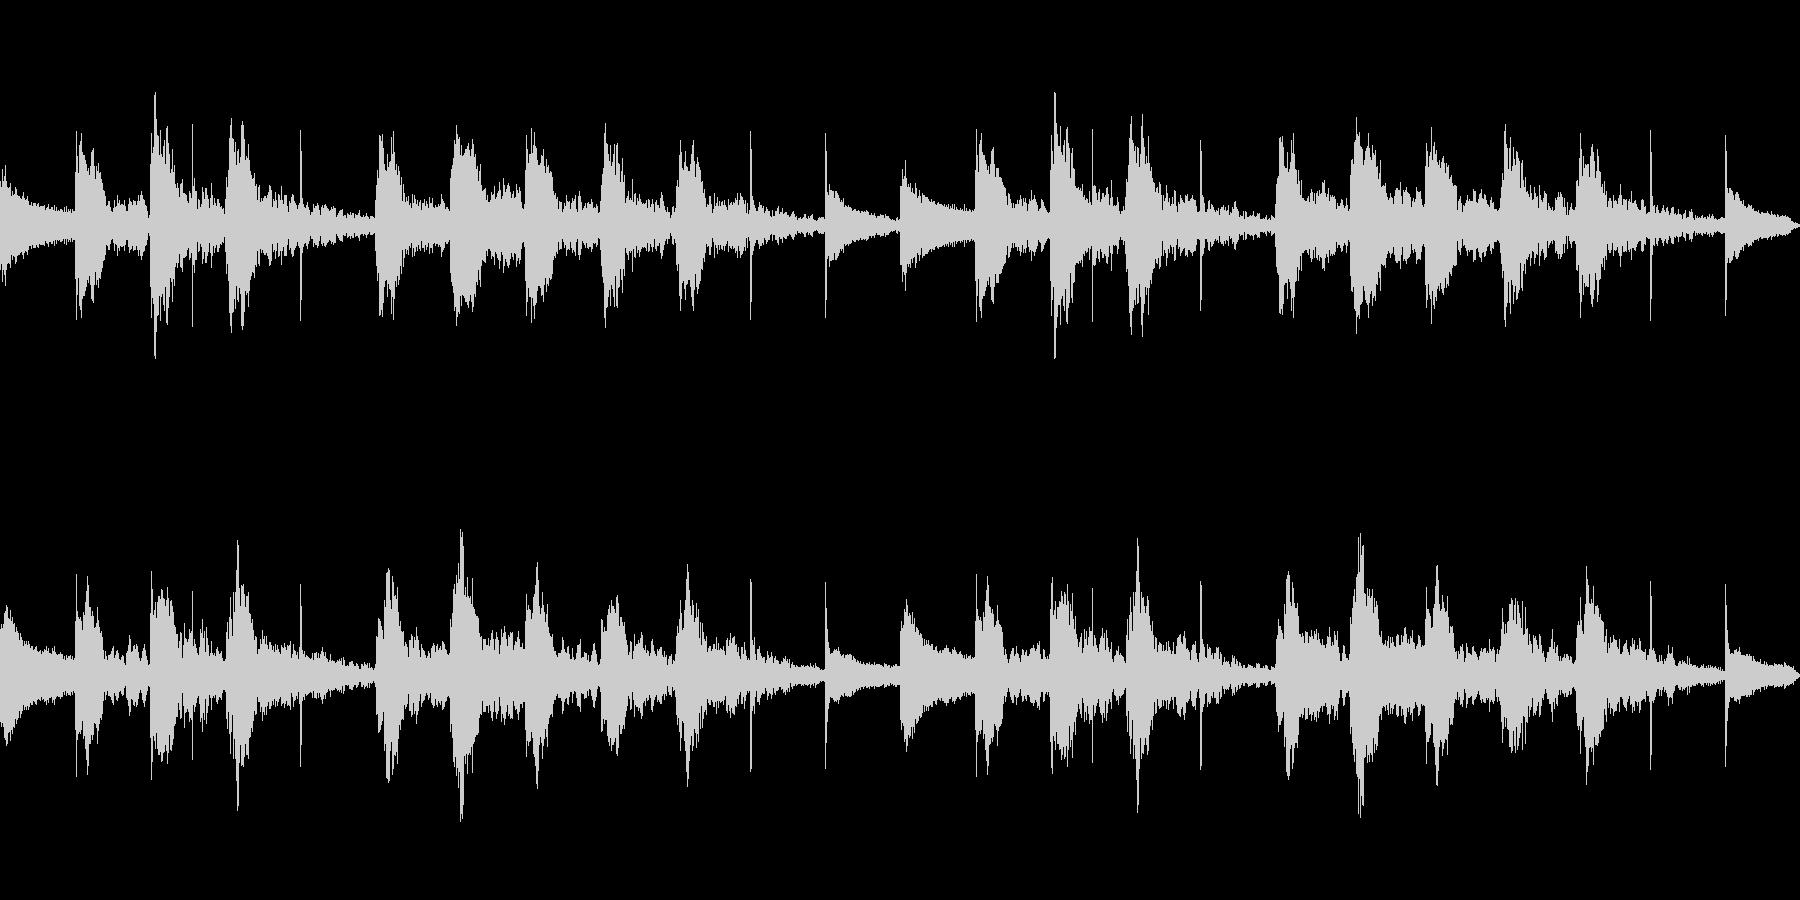 困惑 コミカル ループの未再生の波形